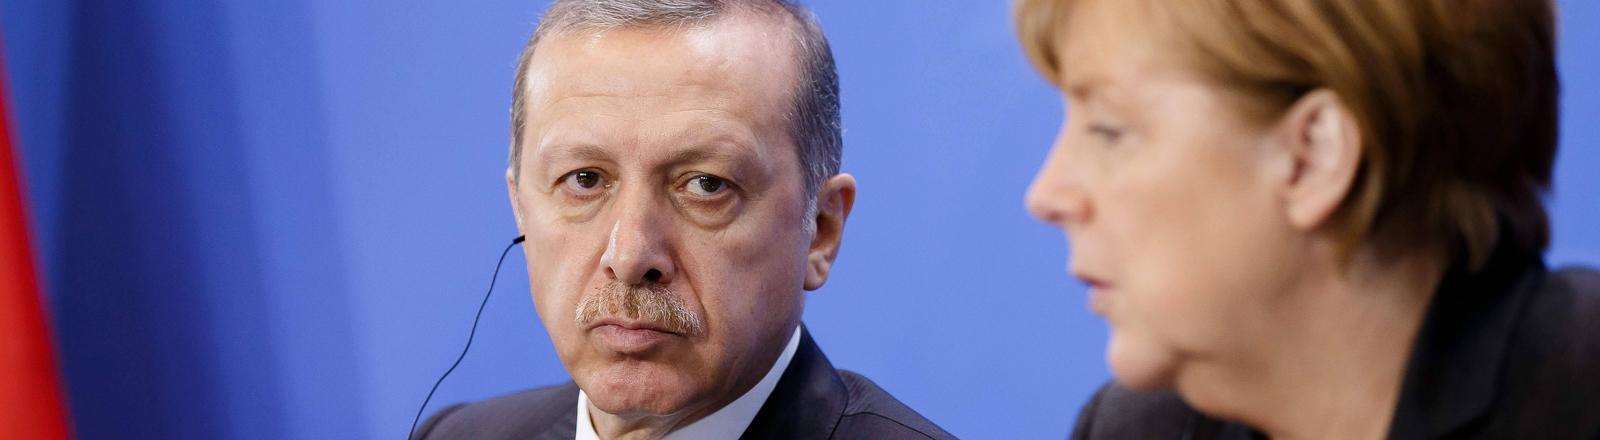 Recep Tayyip Erdoğan und Angela Merkel